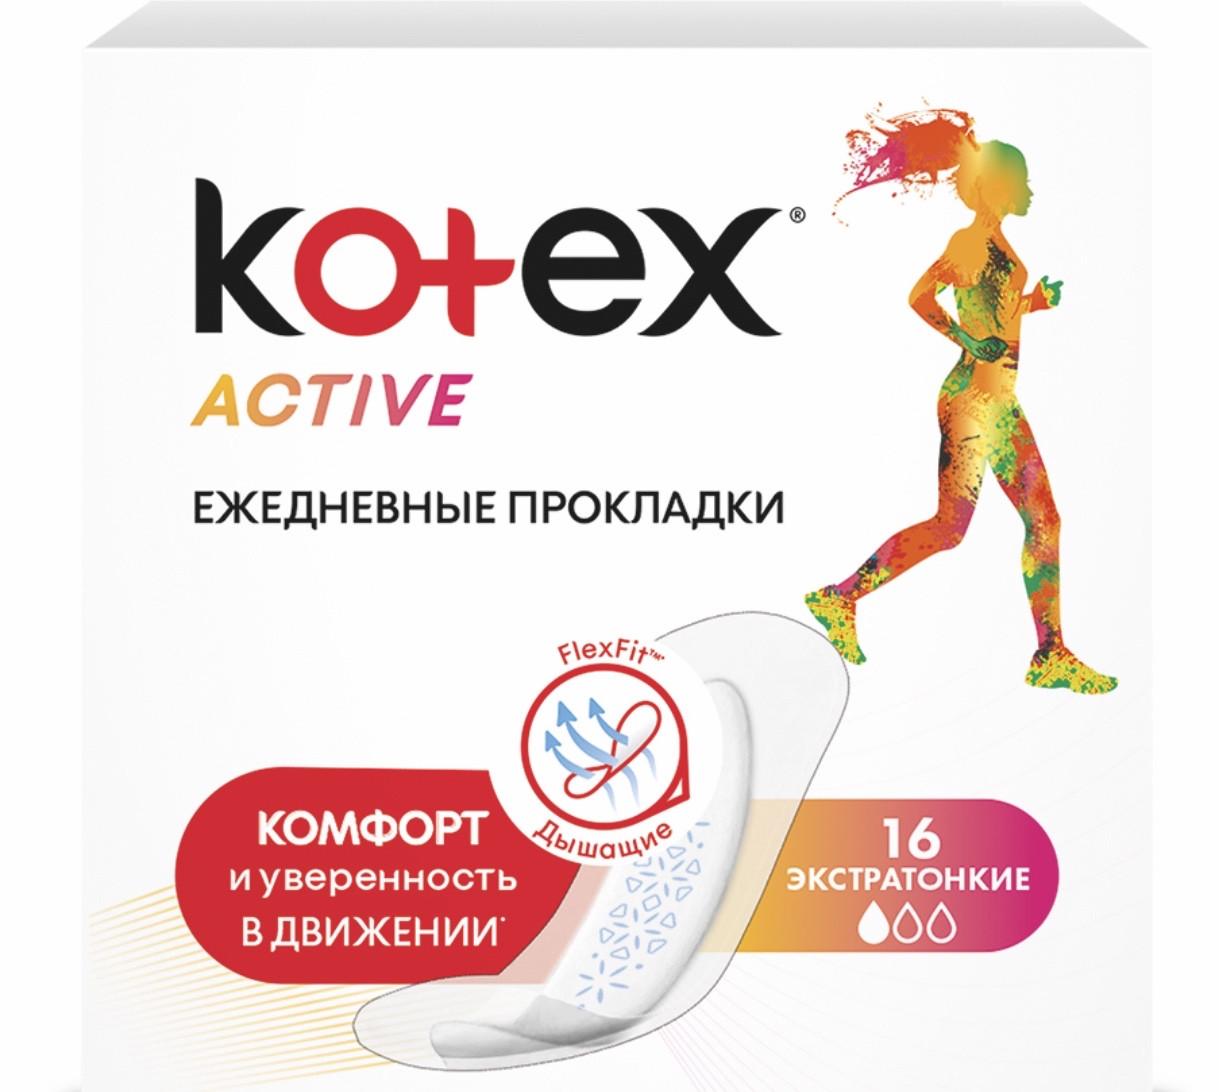 Ежедневные гигиенические прокладки экстратонкие  Kotex® 16 штук 1 капля